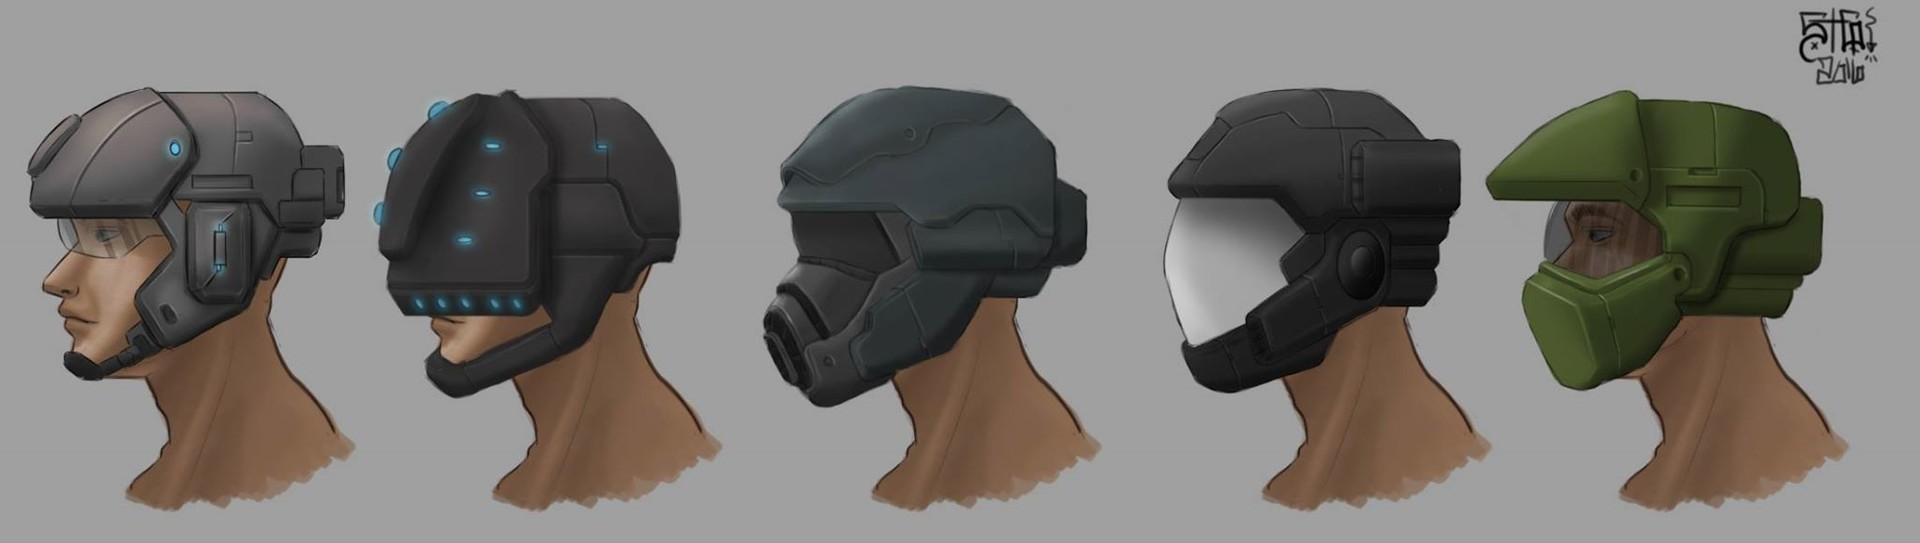 Steven Gutierrez - Sci fi Helmets, inspired by my favorite games